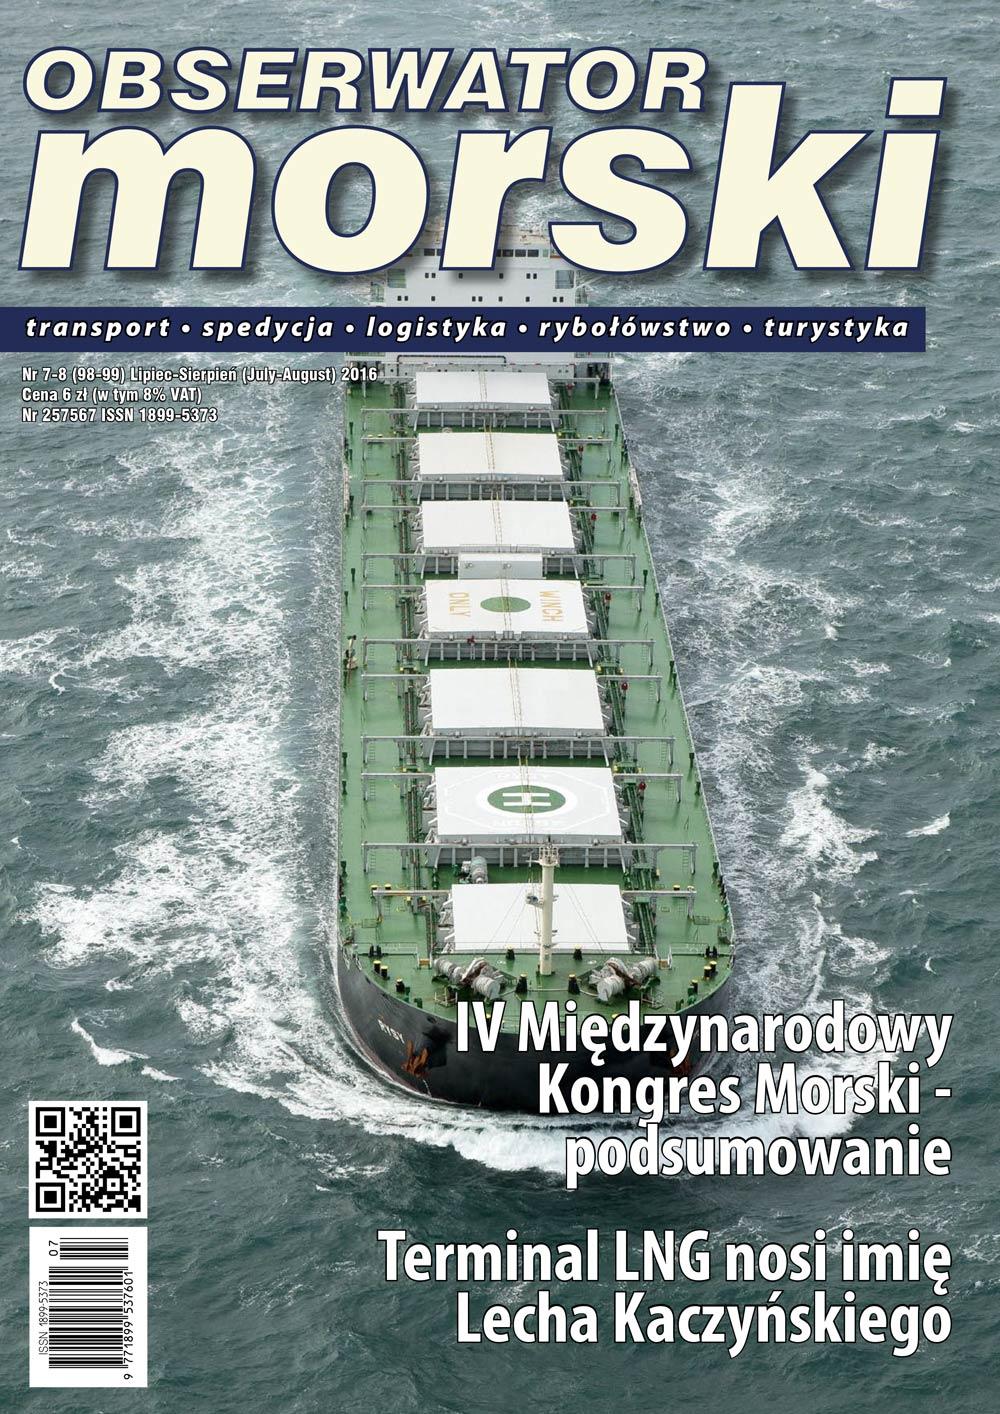 OBSERWATOR MORSKI : transport - spedycja - logistyka - rybołówstwa - turystyka. - 2016, nr 7-8, Lipiec - Sierpień (July - August)